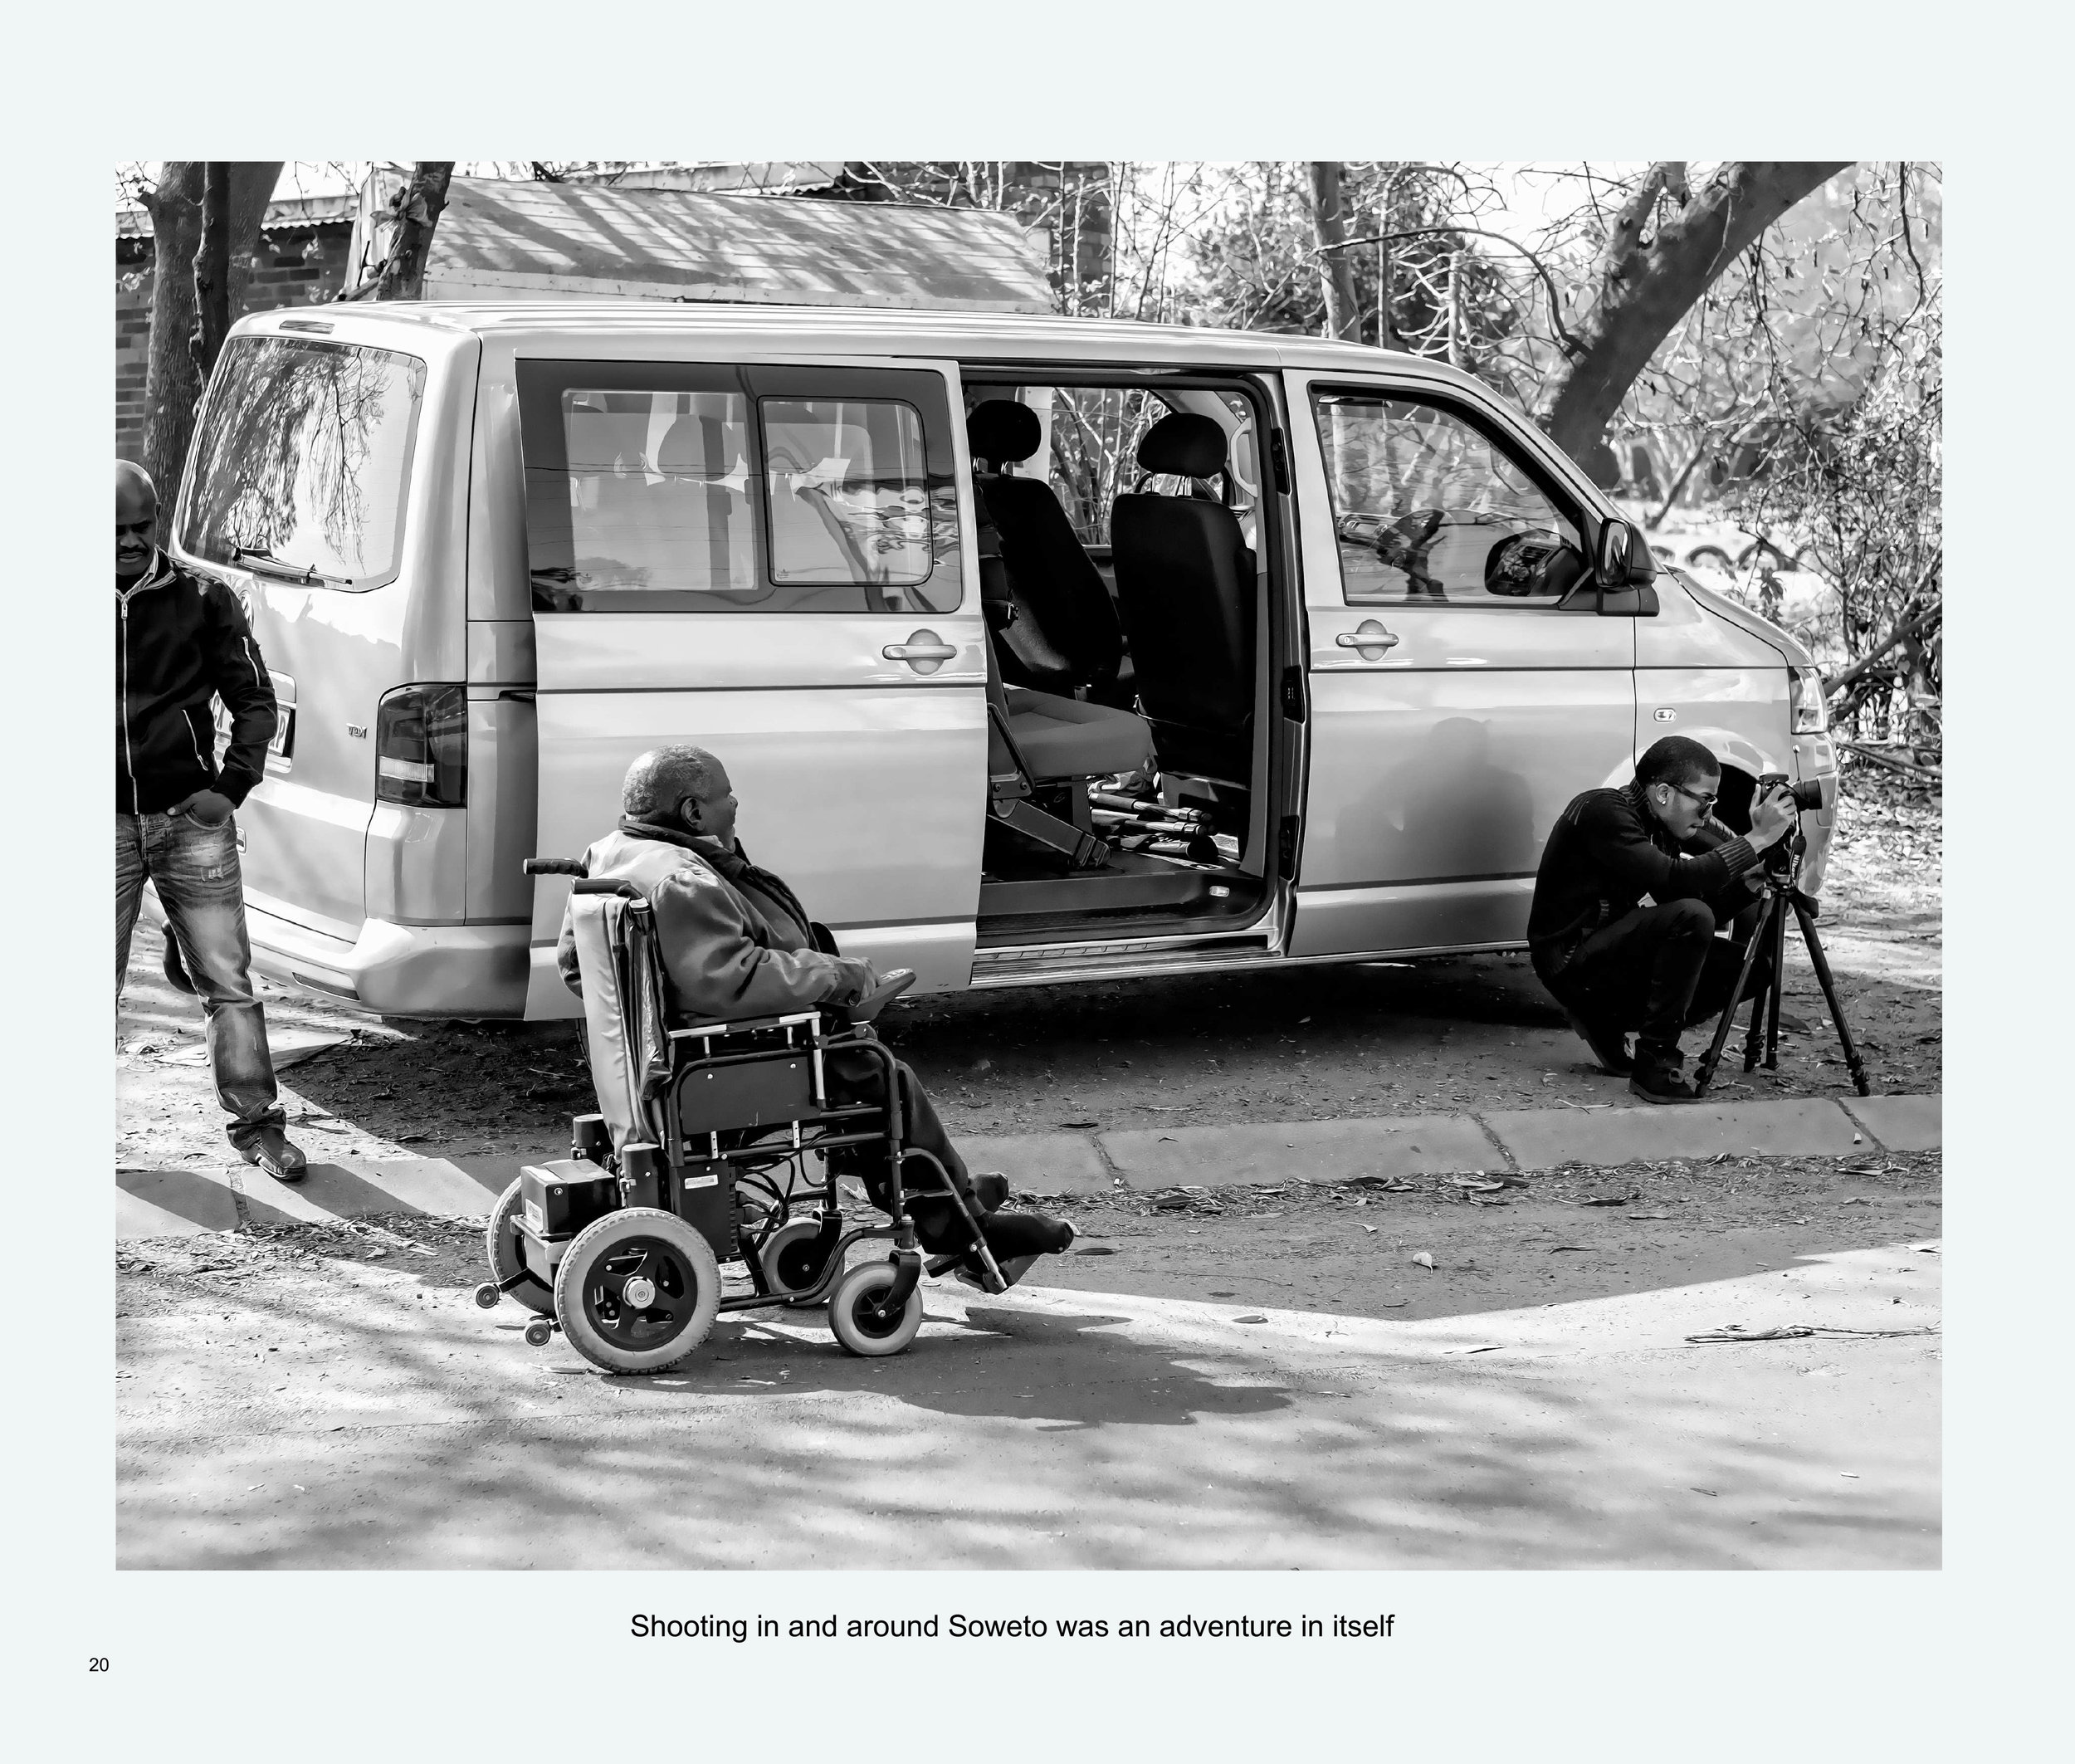 ImagesASouthernAfricaRoadTrip-22.jpg